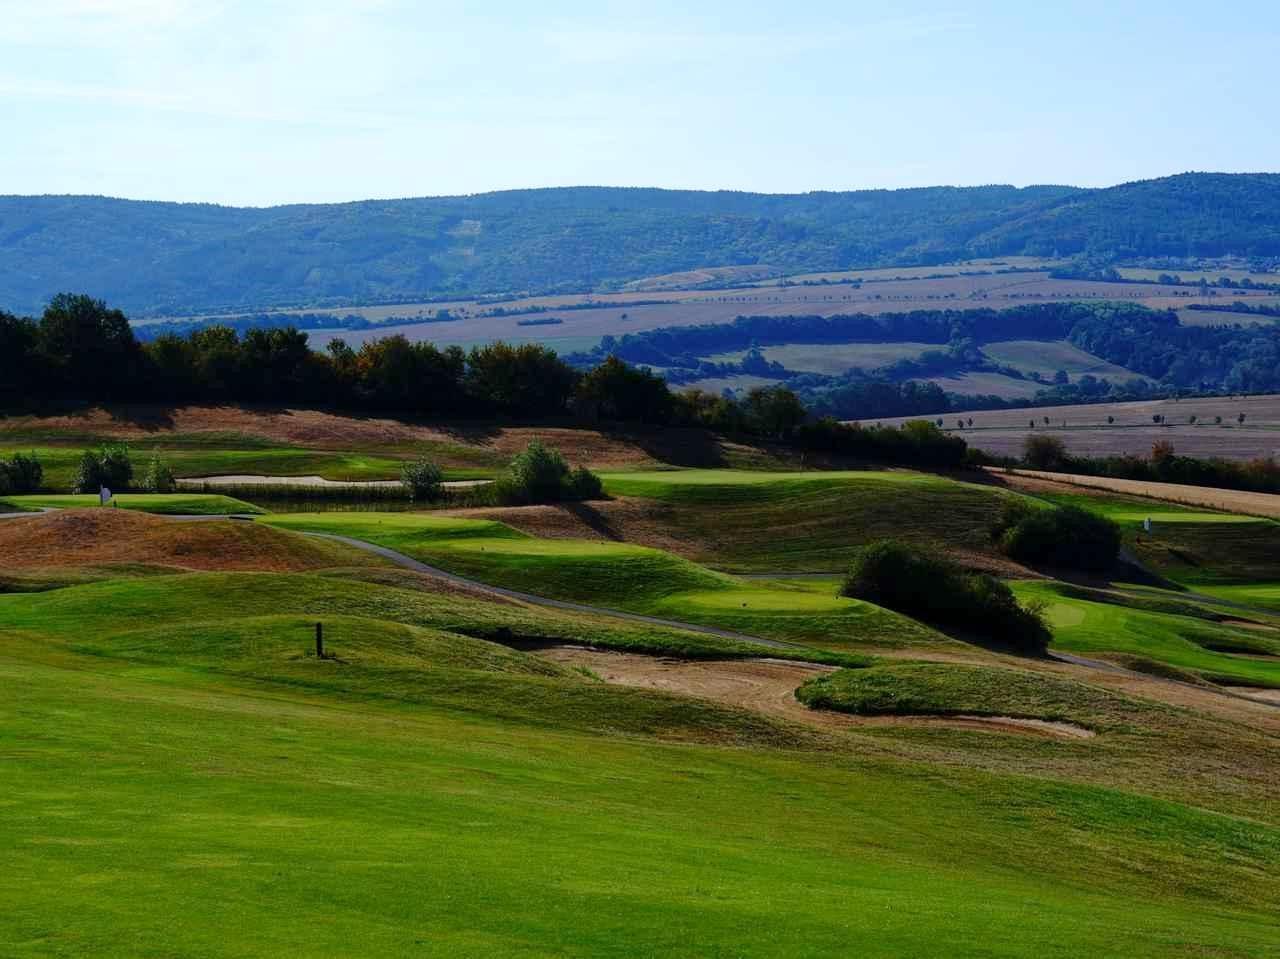 画像: 【欧州・チェコ】中欧の宝石箱「プラハ」で見つけたゴルフの楽園へ。プラハ6日間 2ラウンド - ゴルフへ行こうWEB by ゴルフダイジェスト